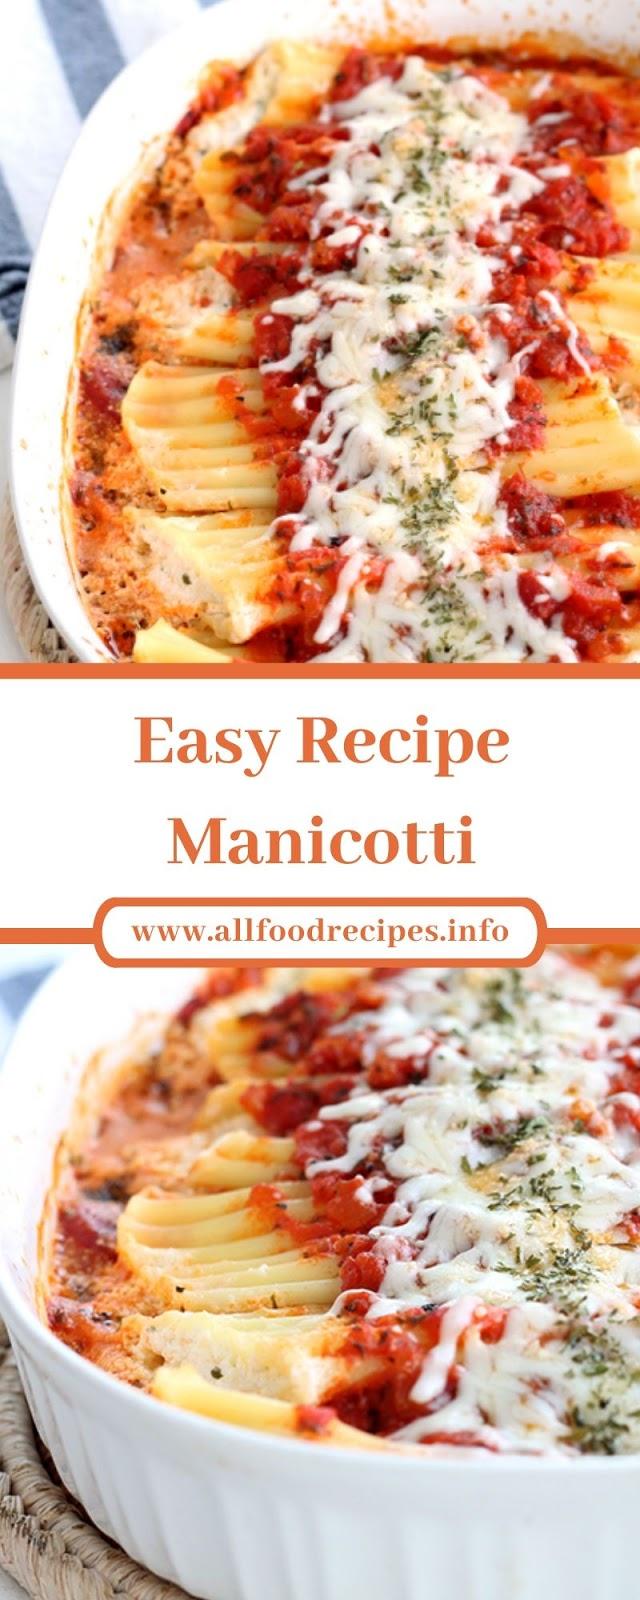 Easy Recipe Manicotti